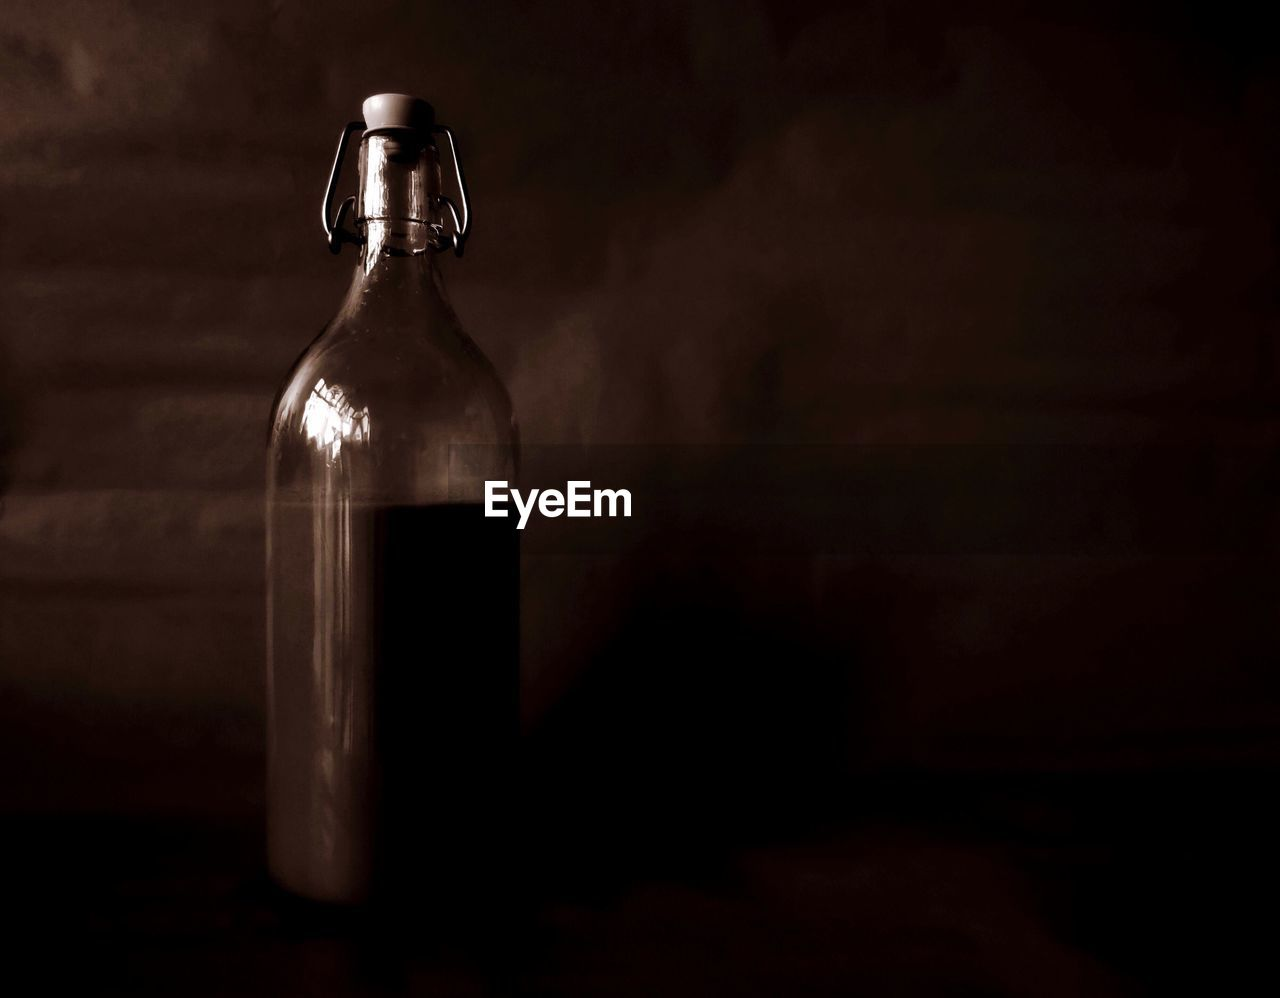 Close-Up Of Empty Bottle In Darkroom